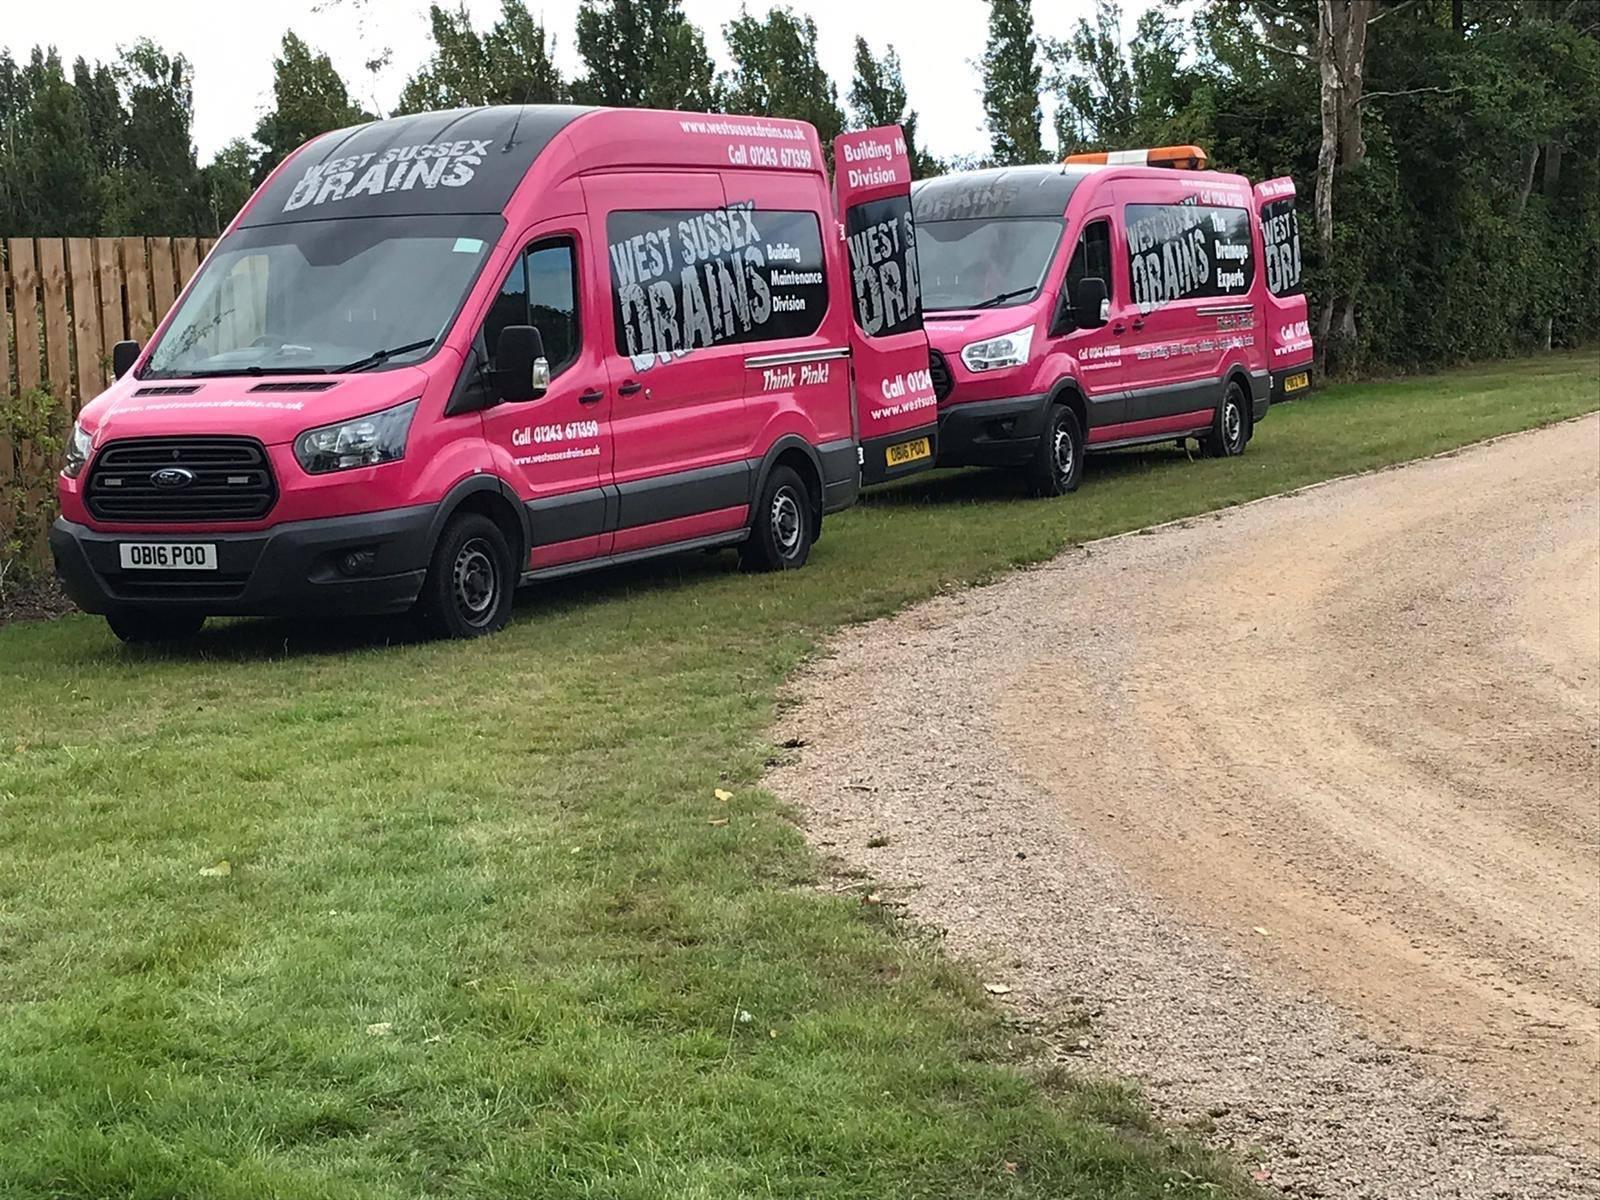 West Sussex Drains Vans | West Sussex Drains